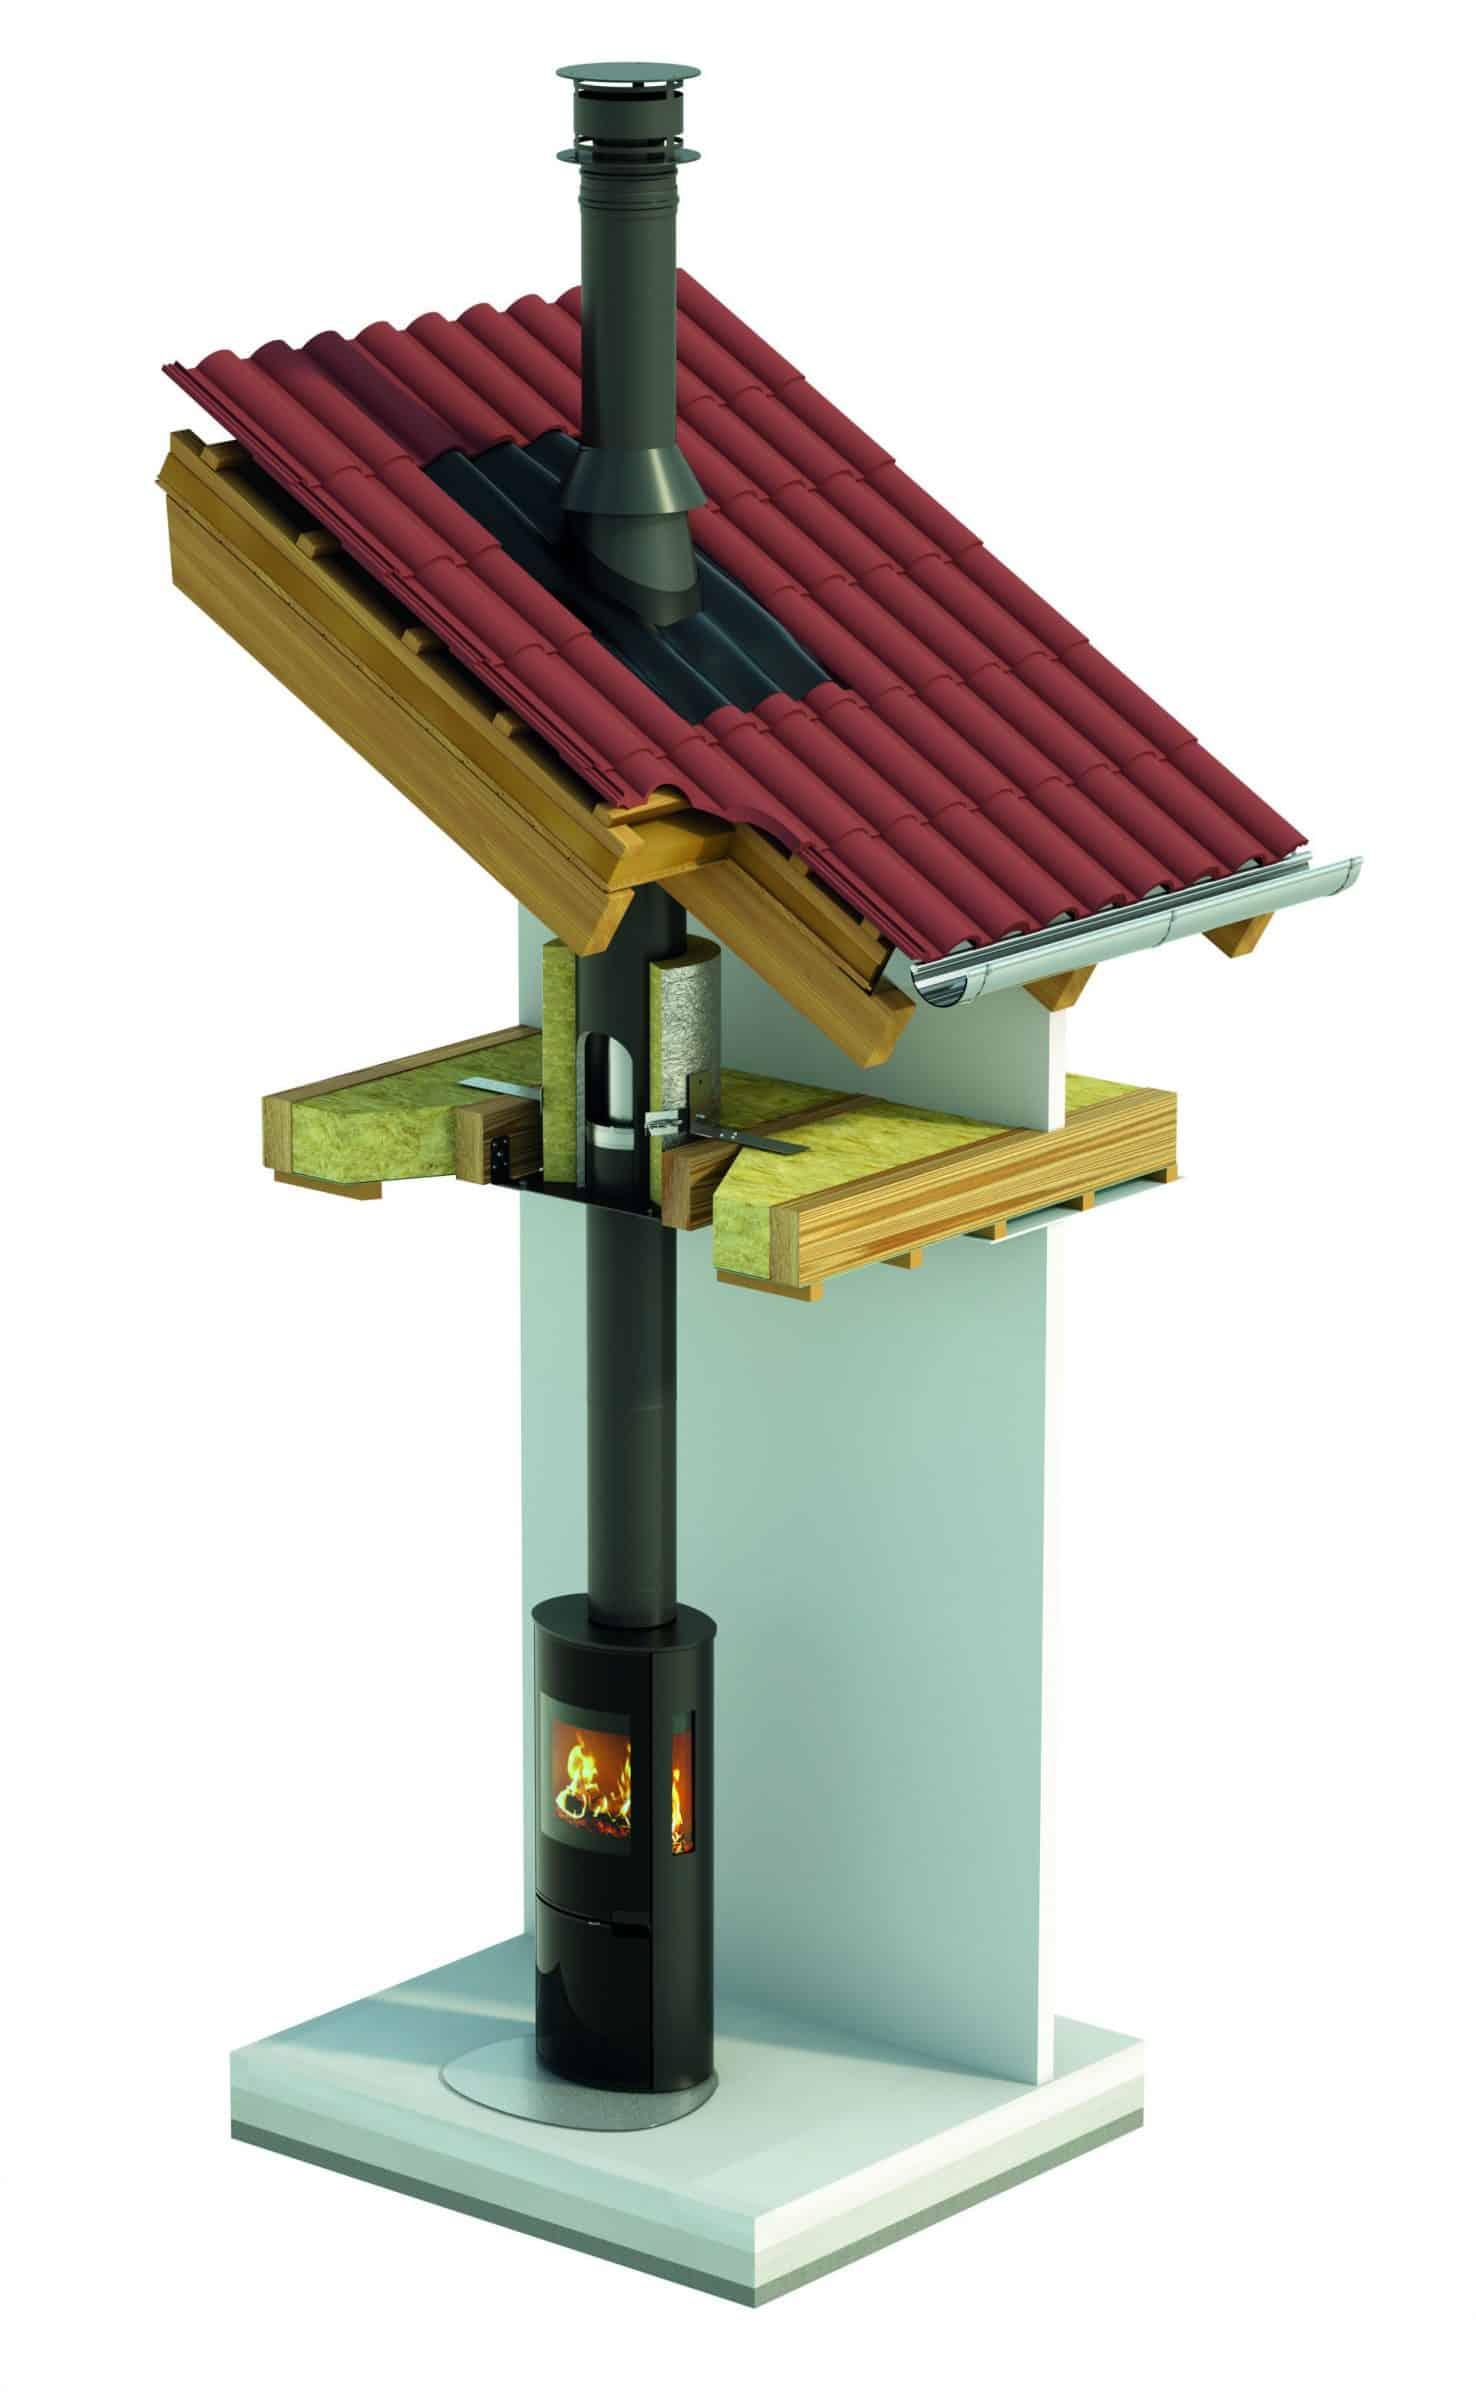 komin stalowy Peremeter Smooth Air oraz piec sirius - wizualizacja systemu